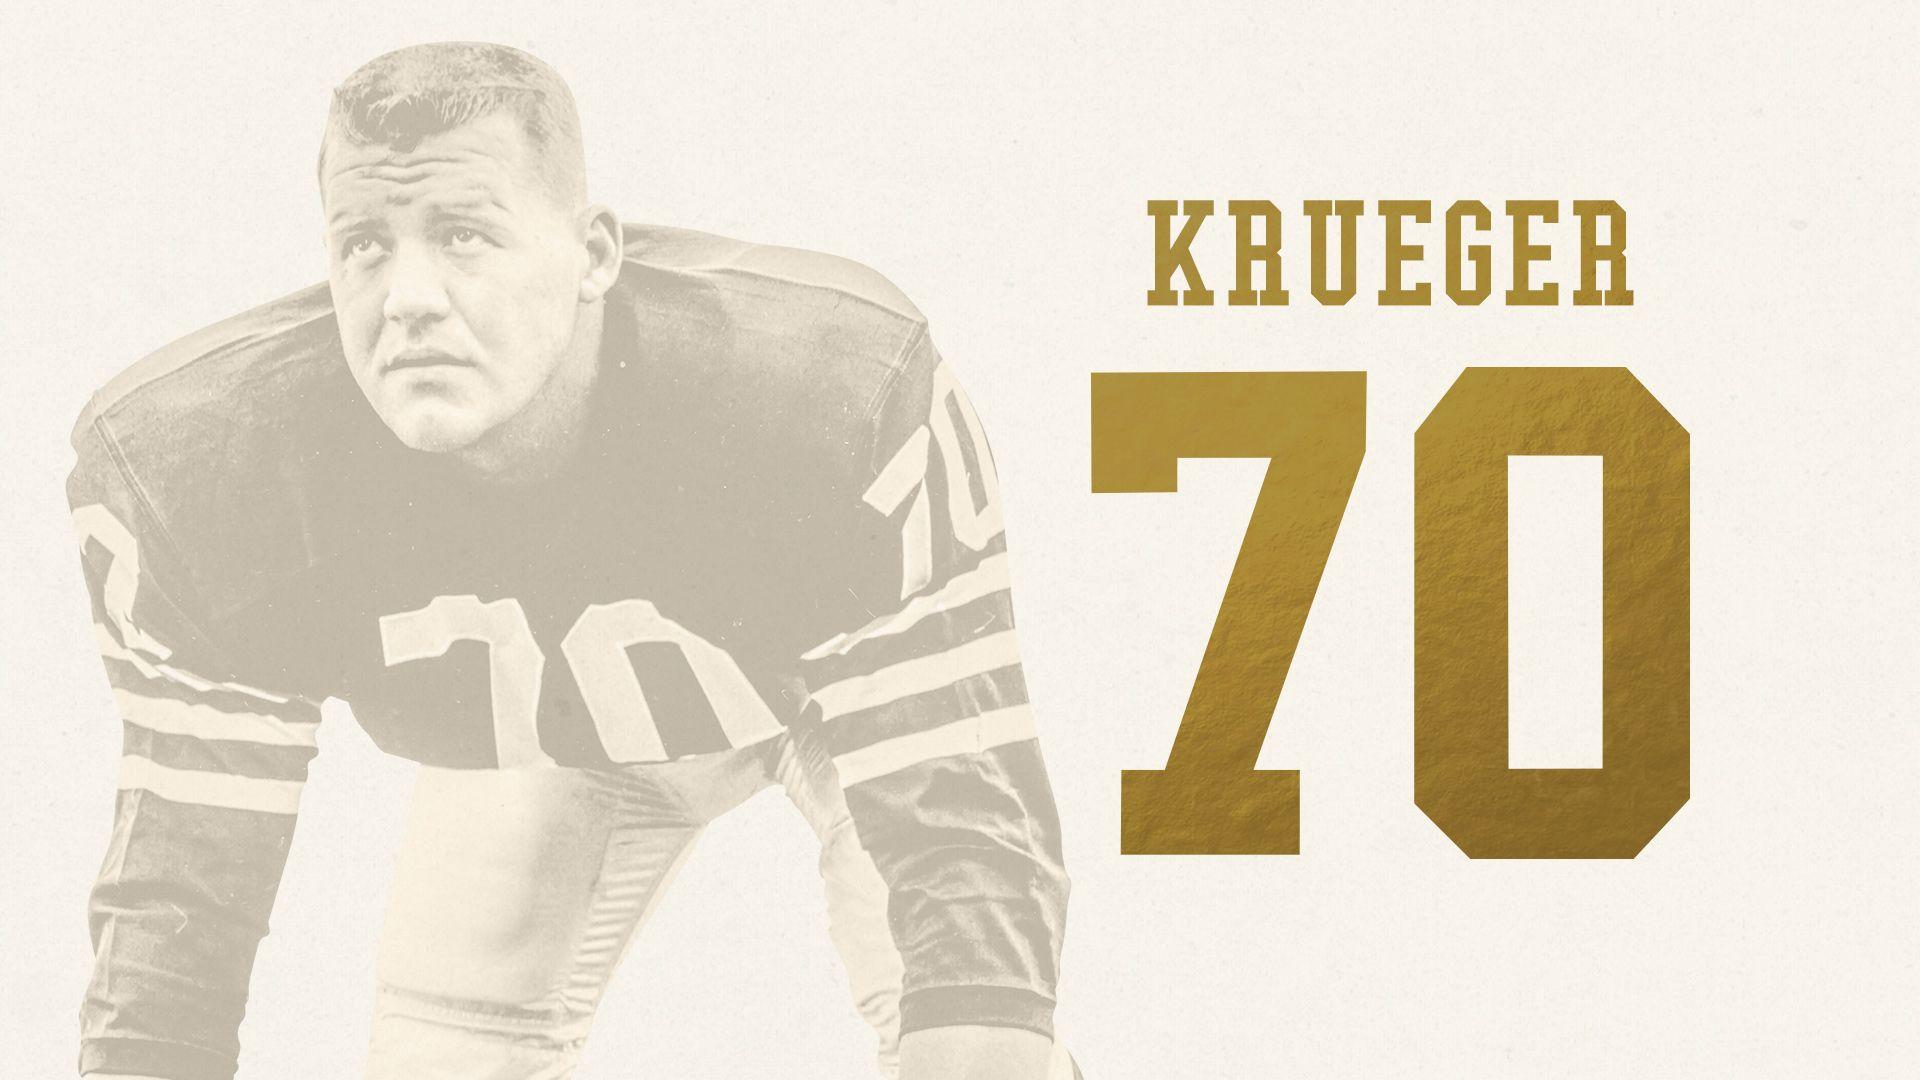 Charlie Krueger, DT (1959-1973)